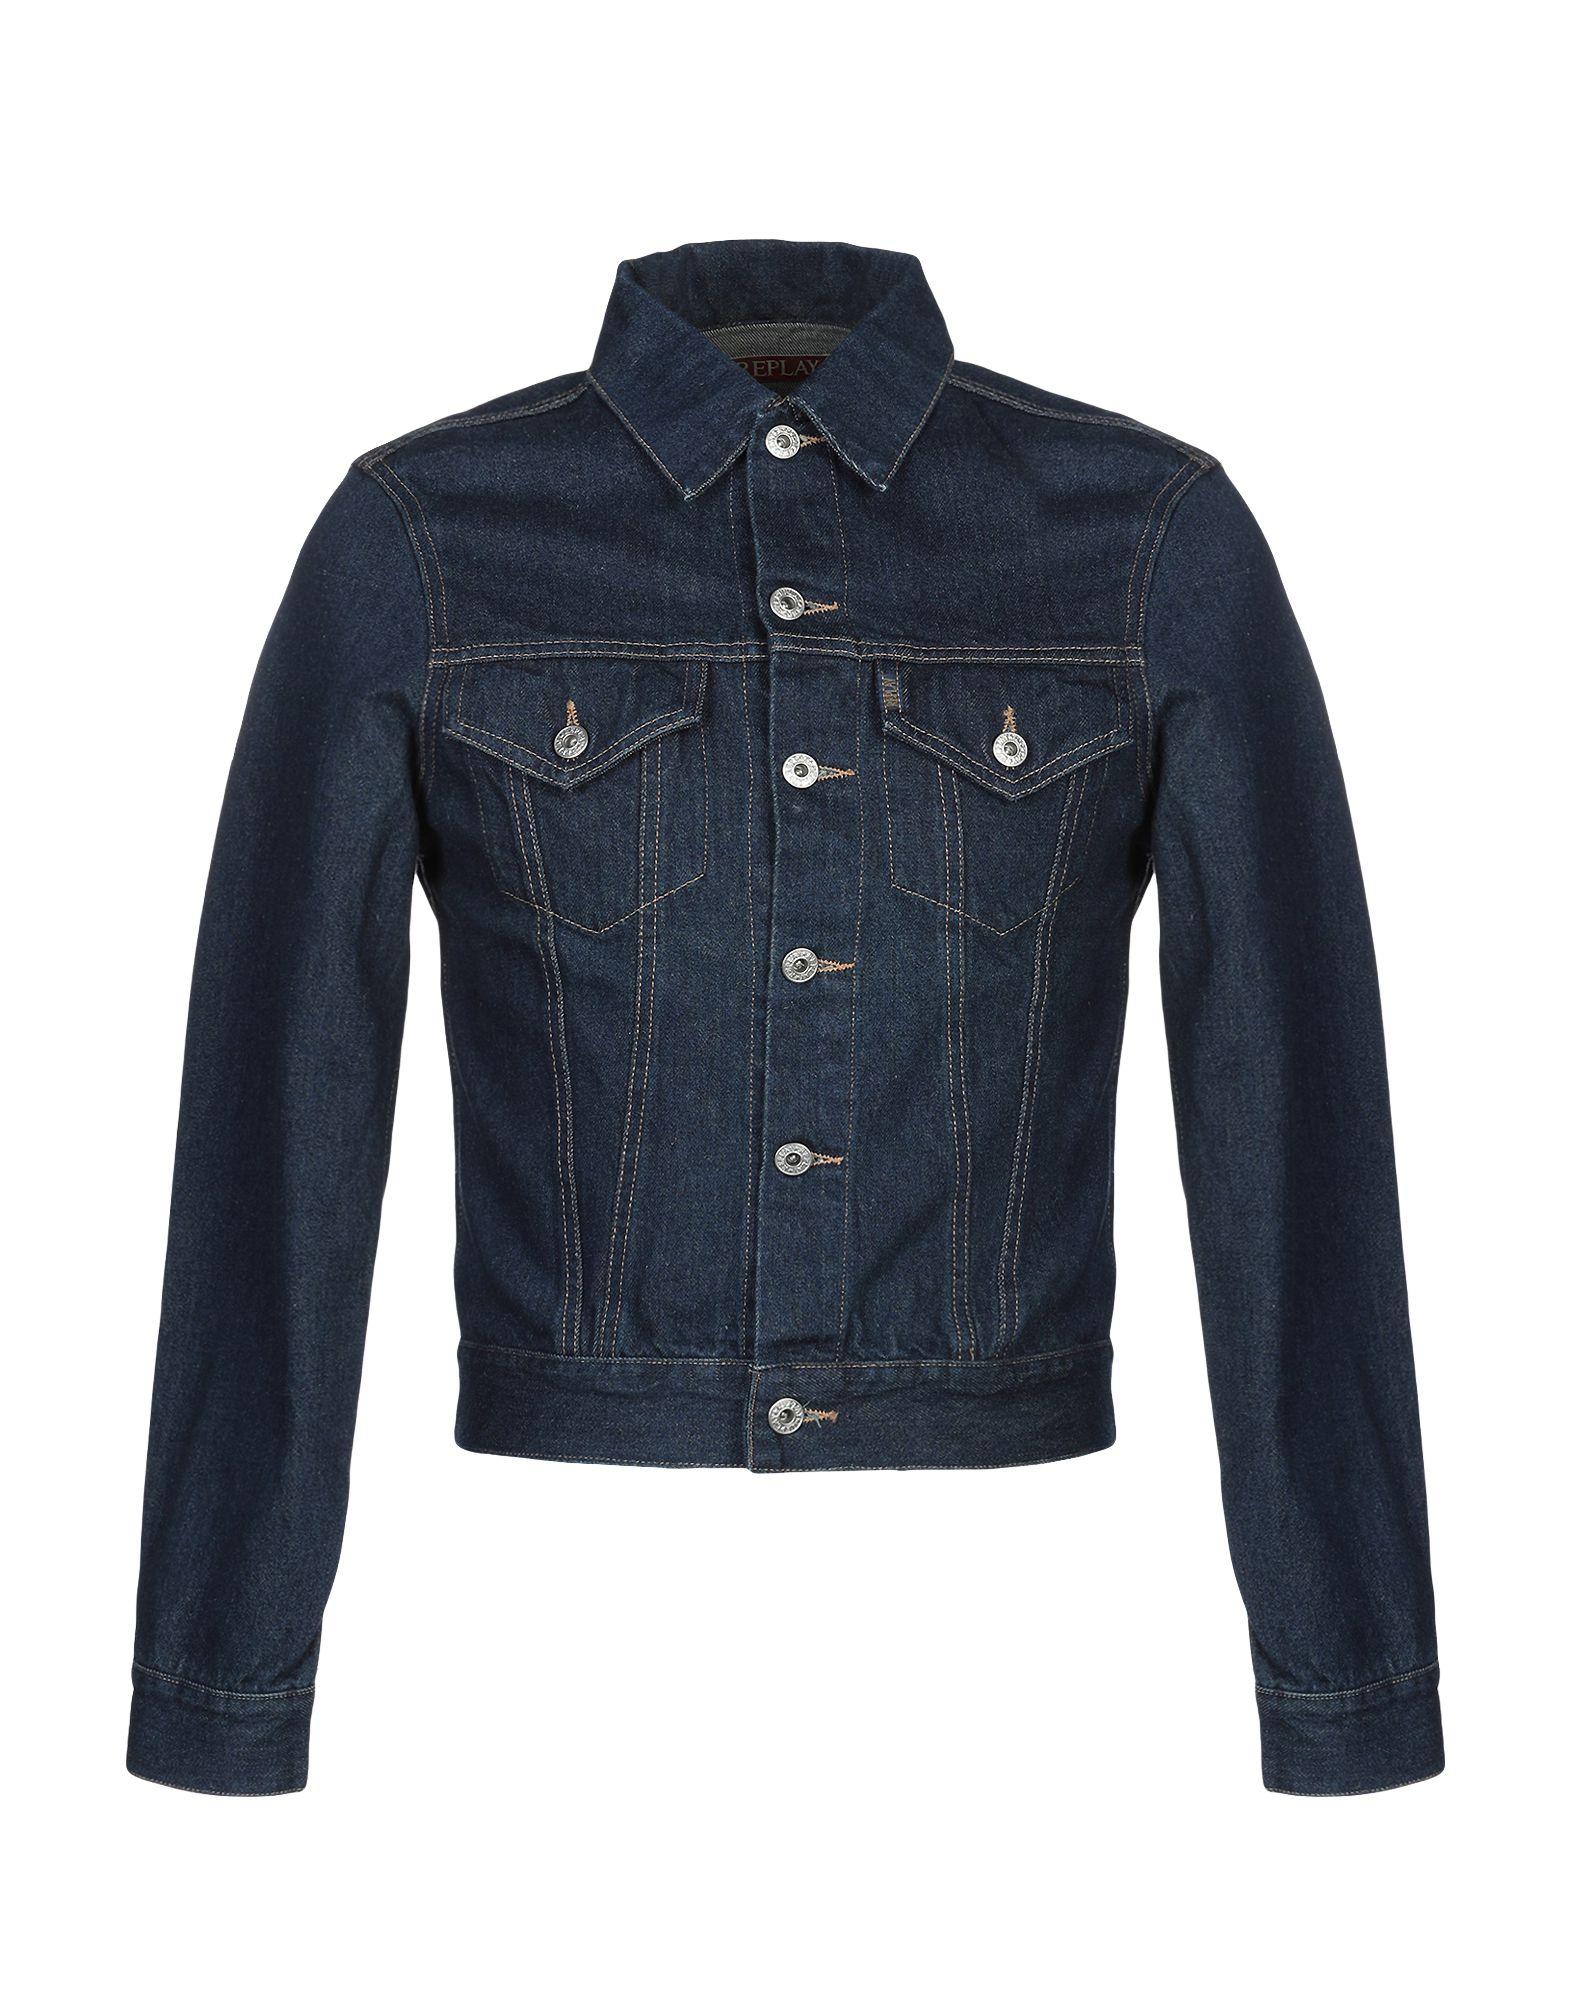 REPLAY Джинсовая верхняя одежда брендовая одежда